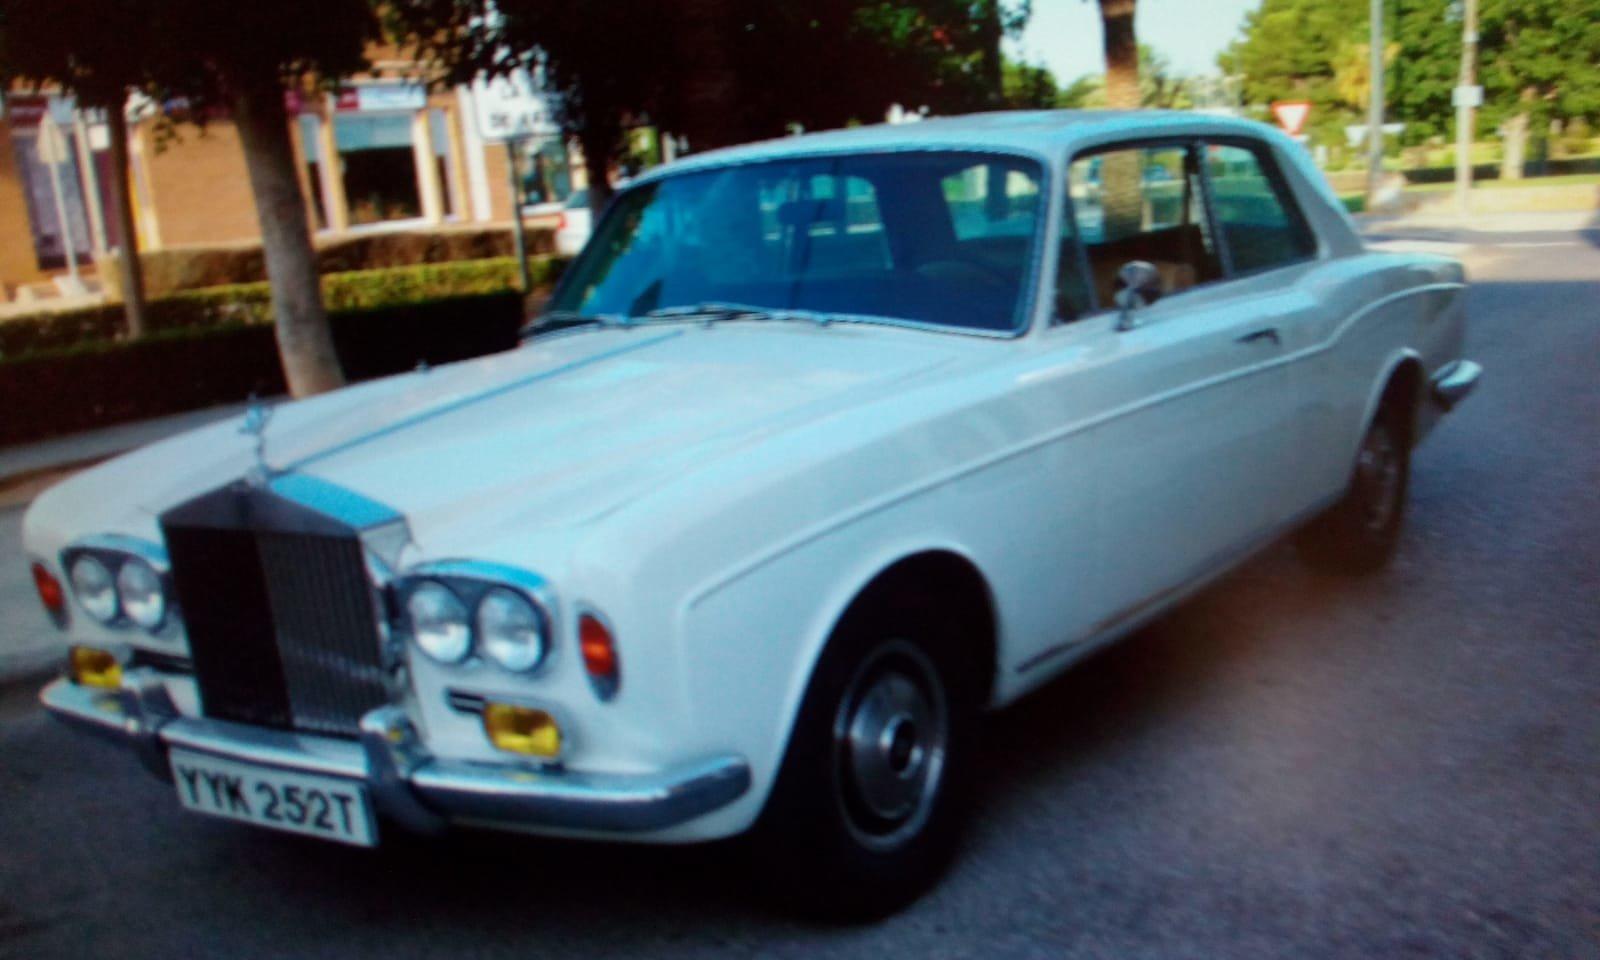 1978 RR corniche coupe sun roof 1973 For Sale (picture 1 of 6)